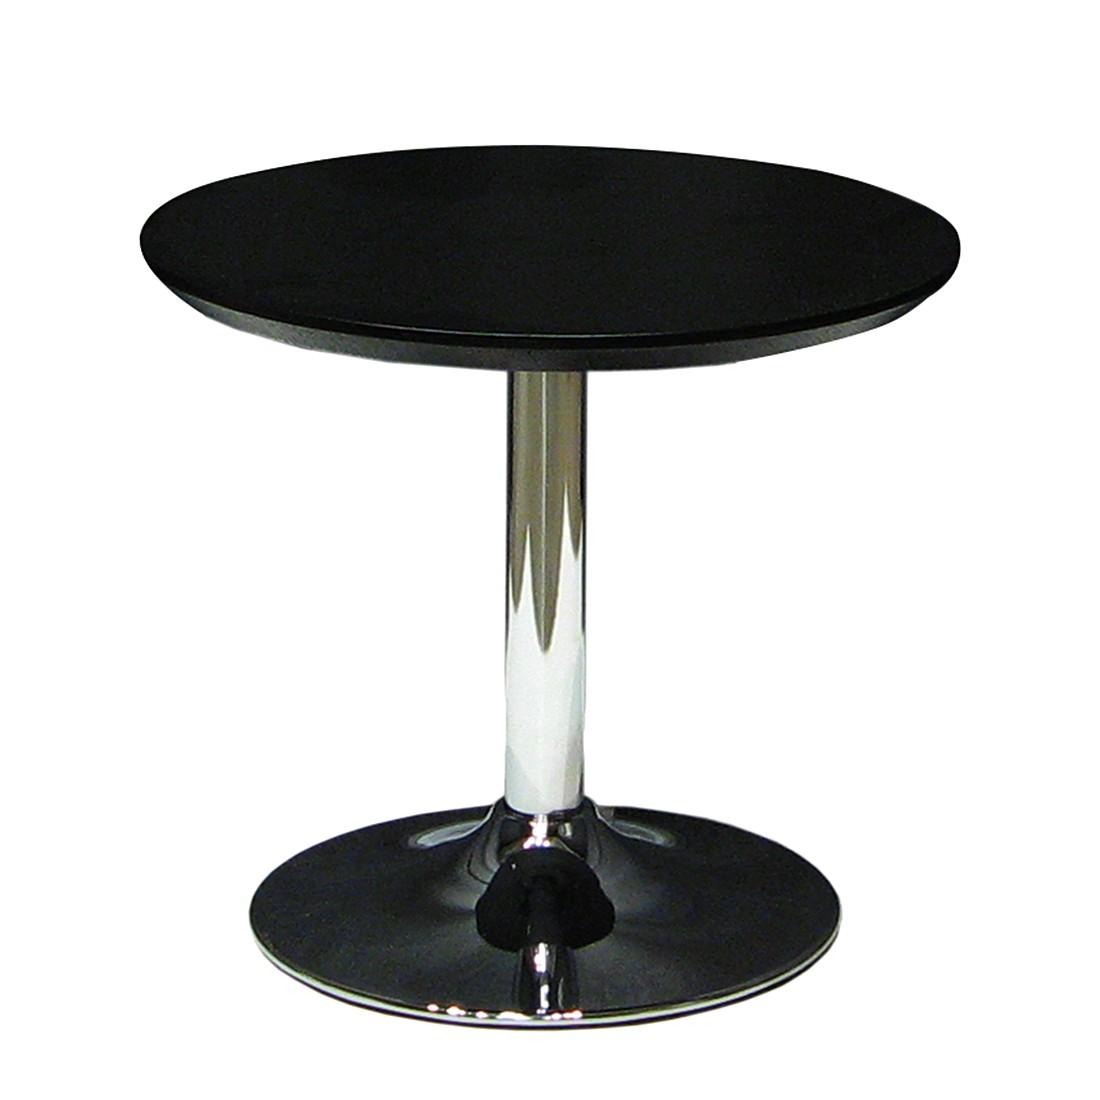 beistelltisch tequila hochglanz schwarz tenzo g nstig. Black Bedroom Furniture Sets. Home Design Ideas